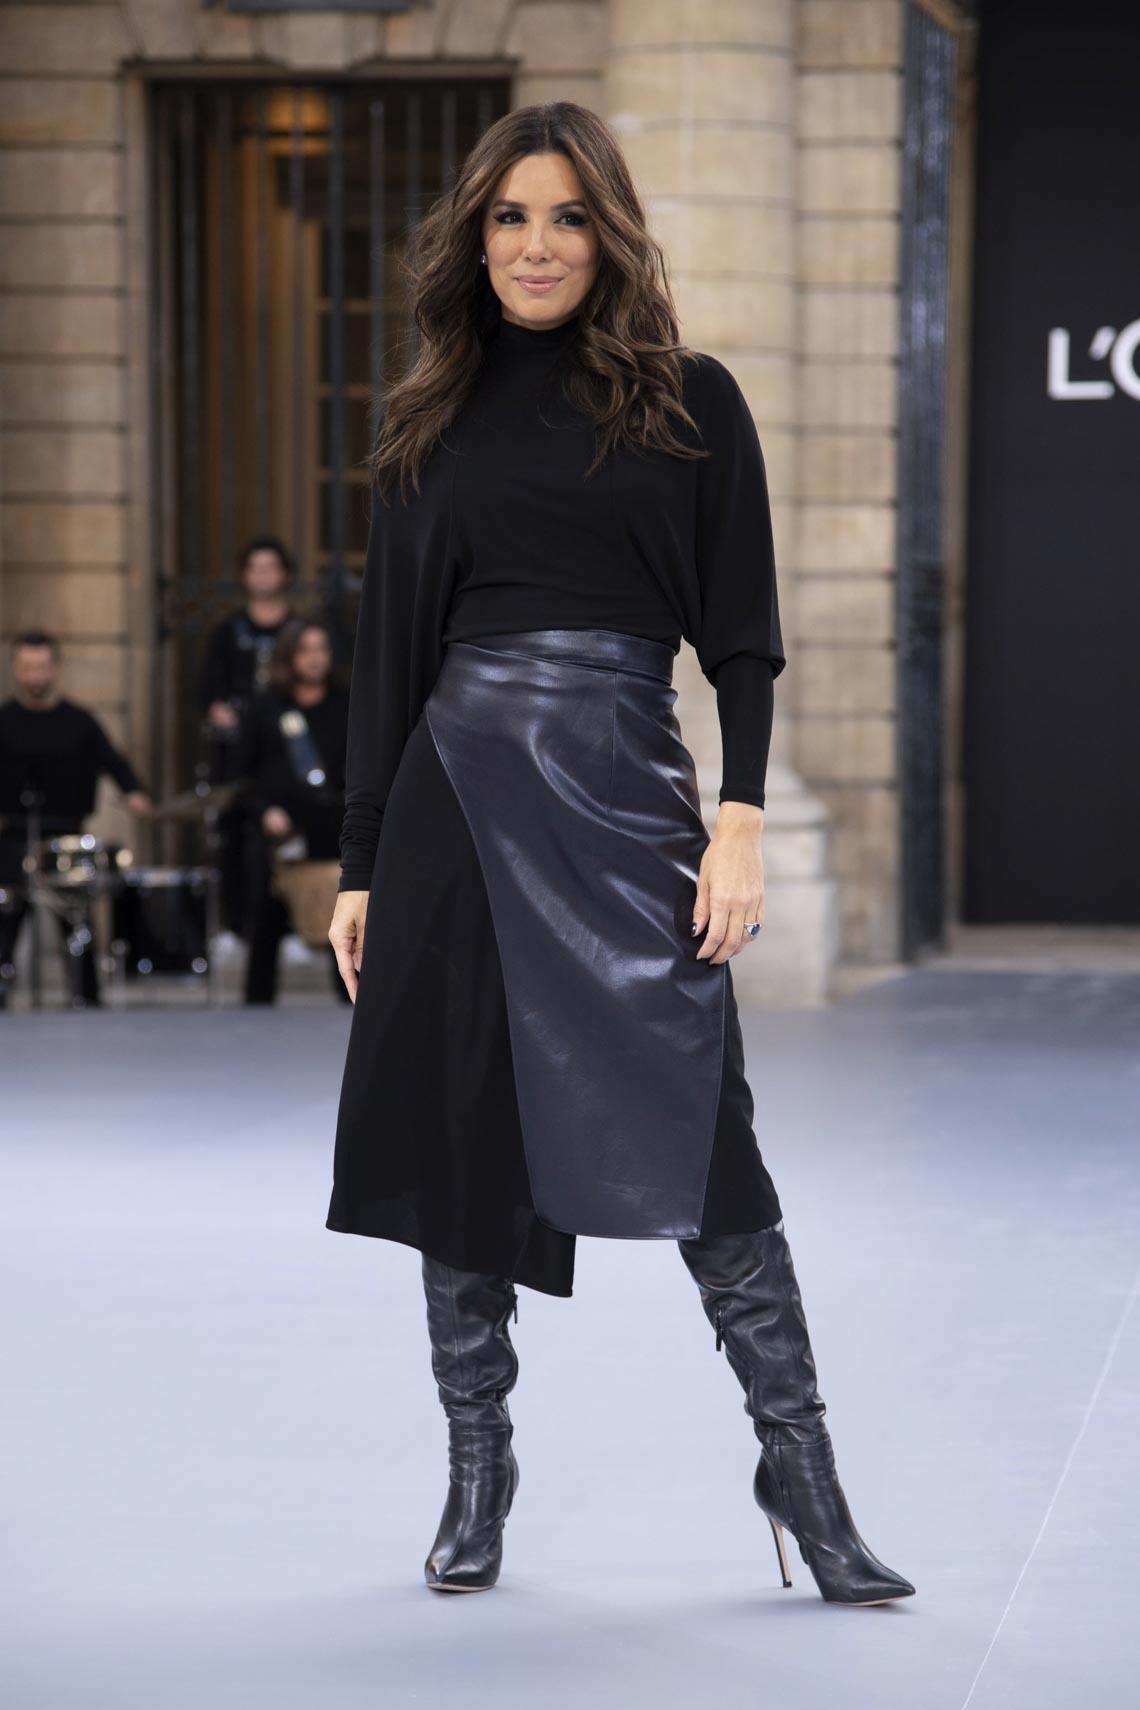 Show diễn Le Défilé của L'Oréal Paris quy tụ tất cả các Đại sứ thương hiệu trên thế giới - 4